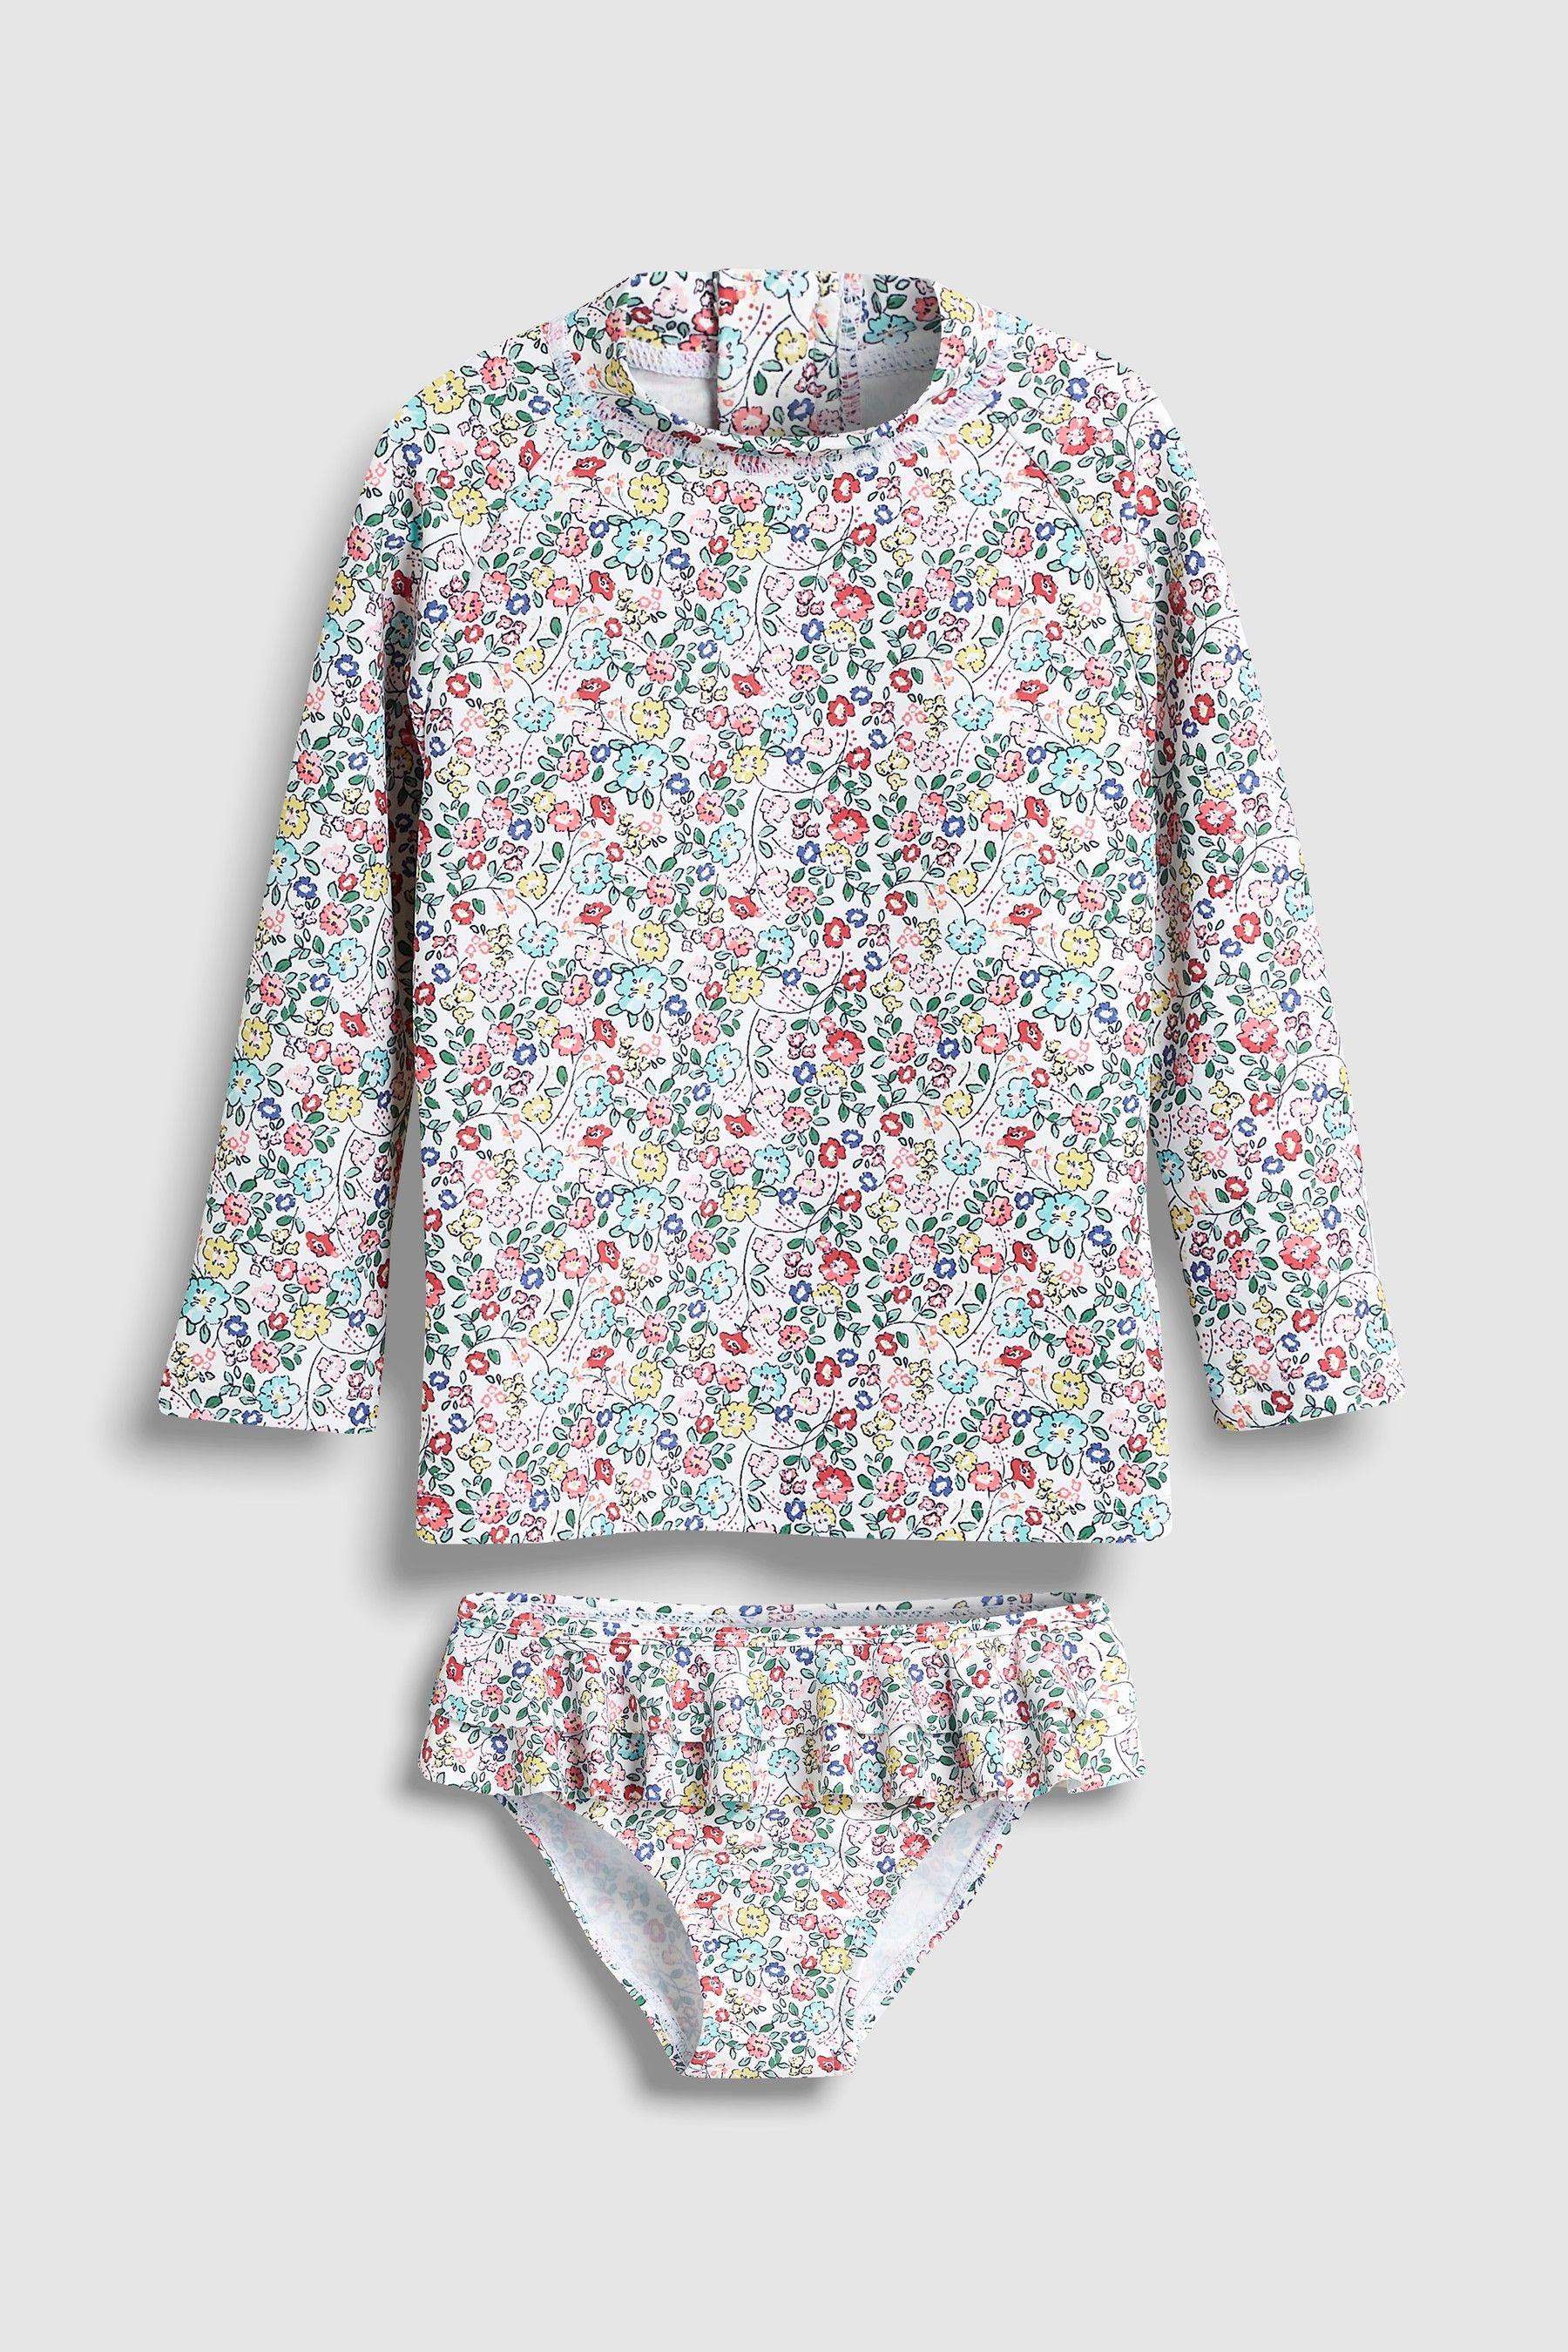 659632b9a3b ... UK online shop. Younger Girls Next Peppa Pig Peppapig. Girls Next  Floral 2 Piece Long Sleeve Sunsafe Set (3mths-7yrs) - Pink